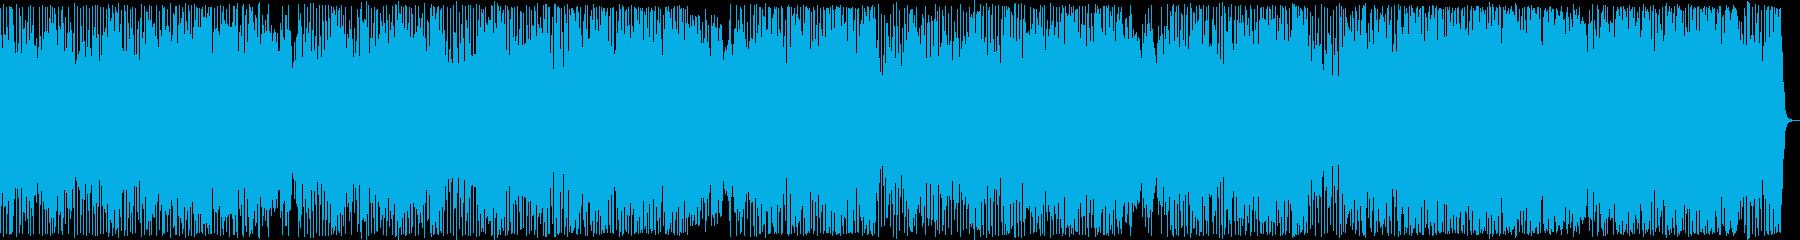 柔らかく楽しげなポップス曲の再生済みの波形